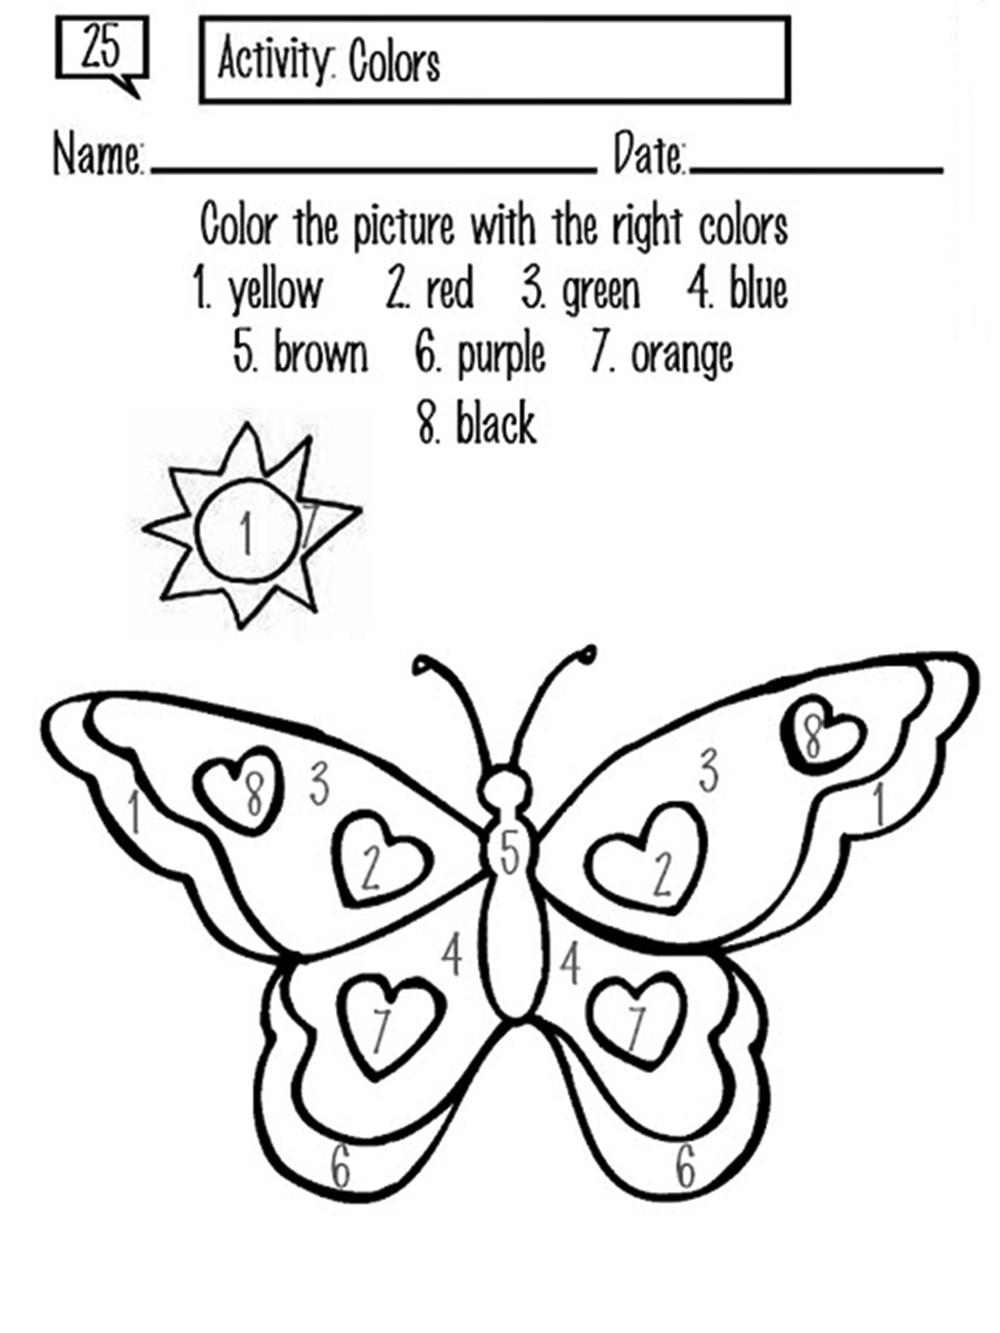 Atractivo Hojas Para Colorear De Mariposa Modelo - Dibujos Para ...